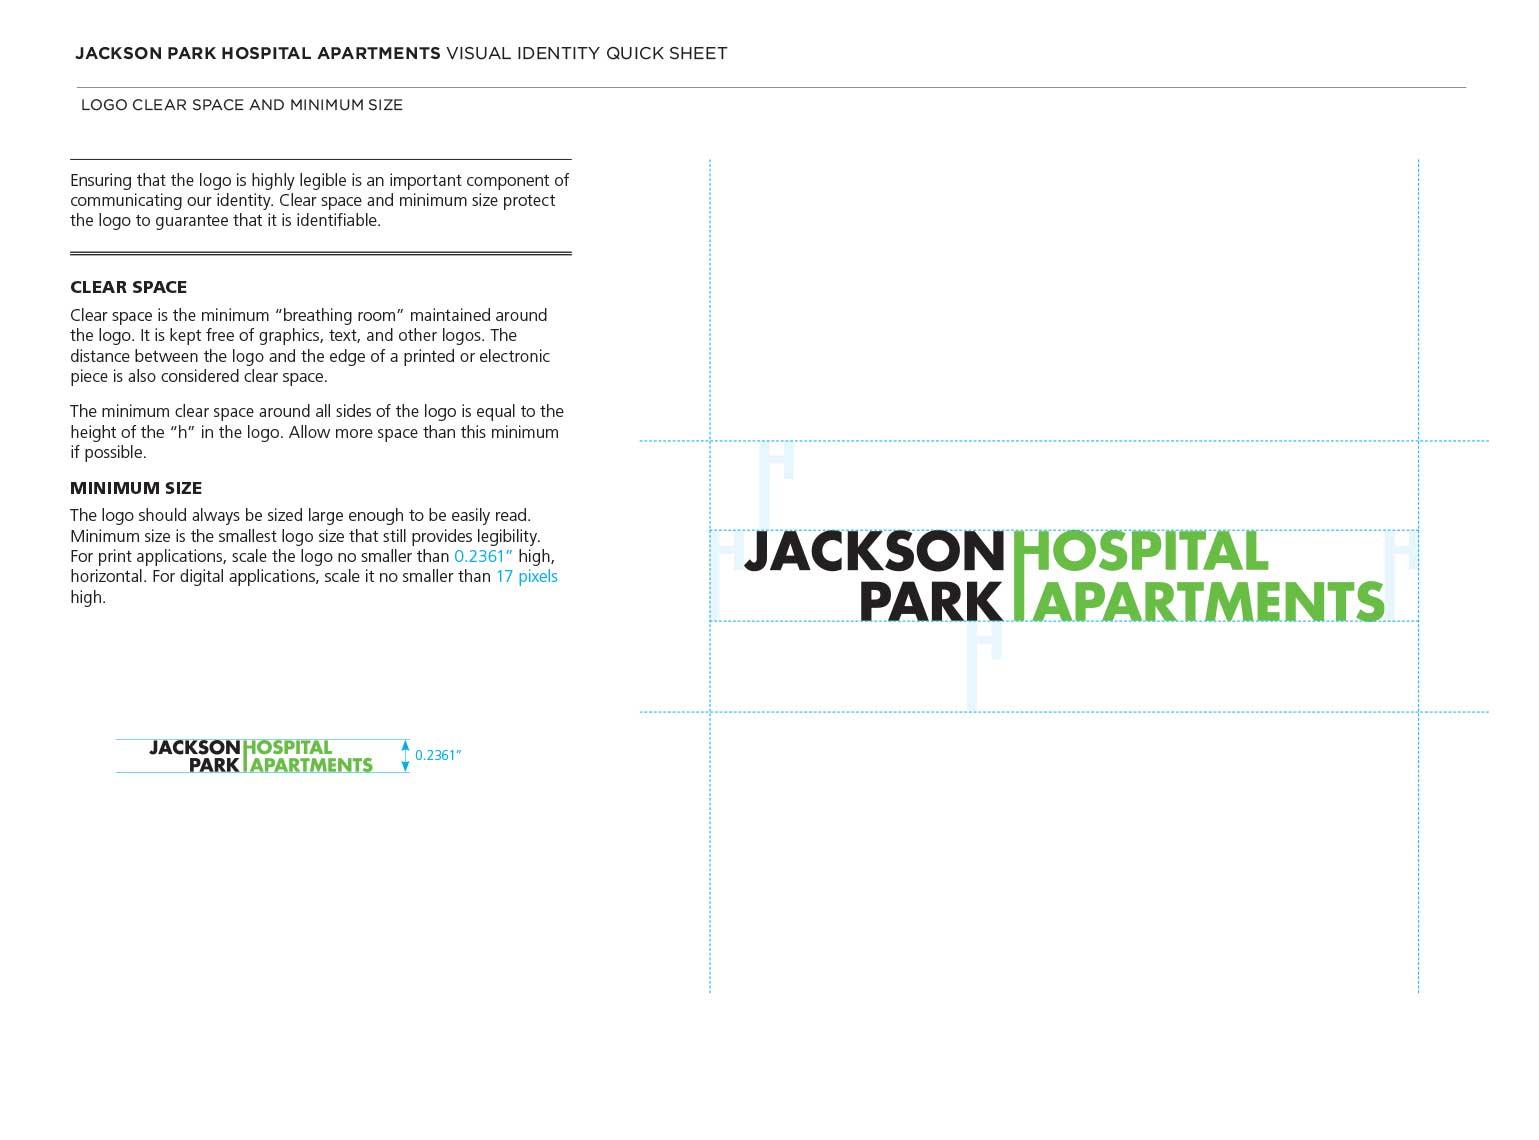 JPHA Branding Clear Space – Kural Design